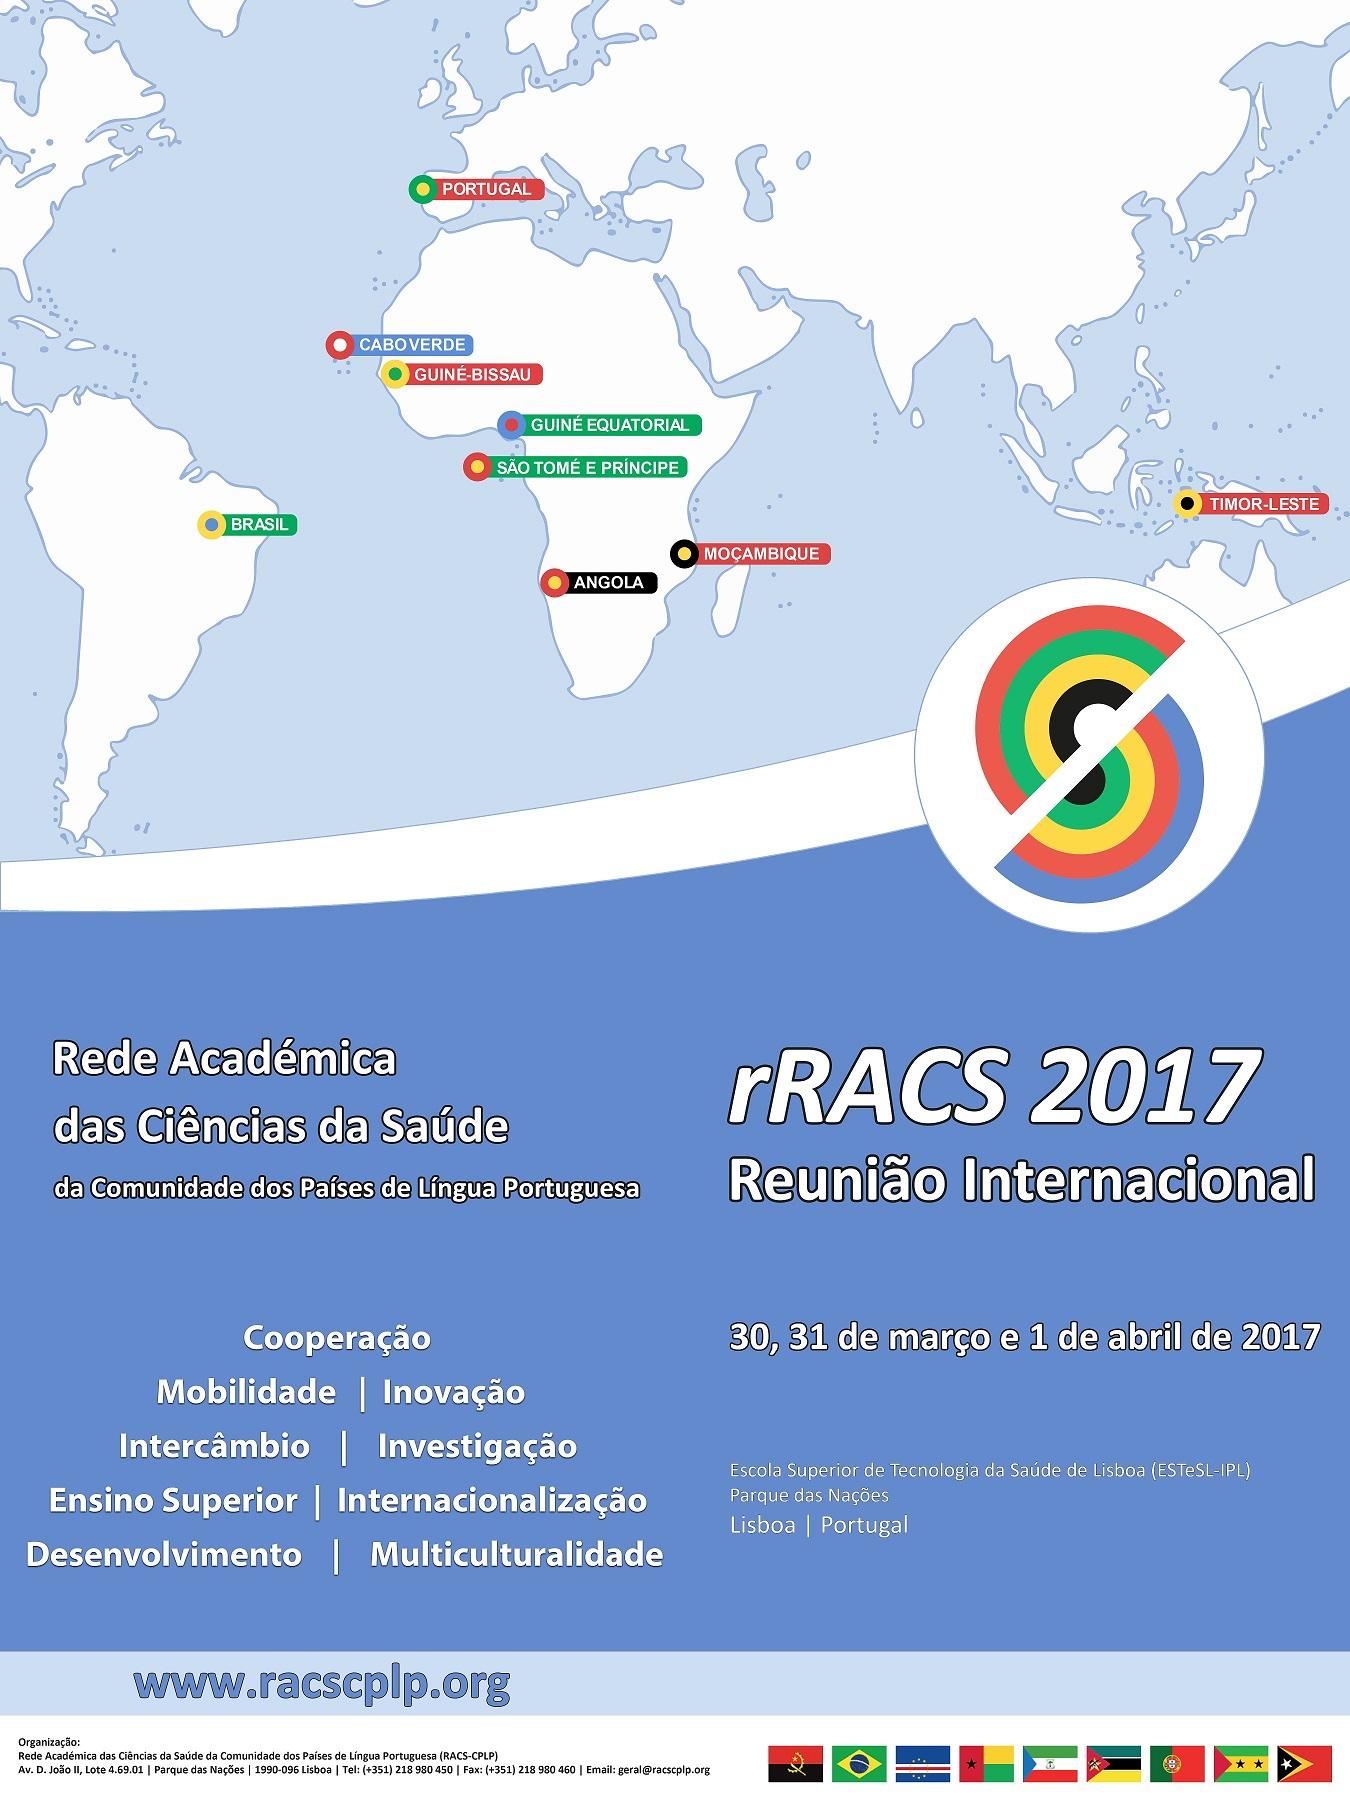 Reunião Internacional da Rede Académica das Ciências da Saúde da CPLP (rRACS 2017)